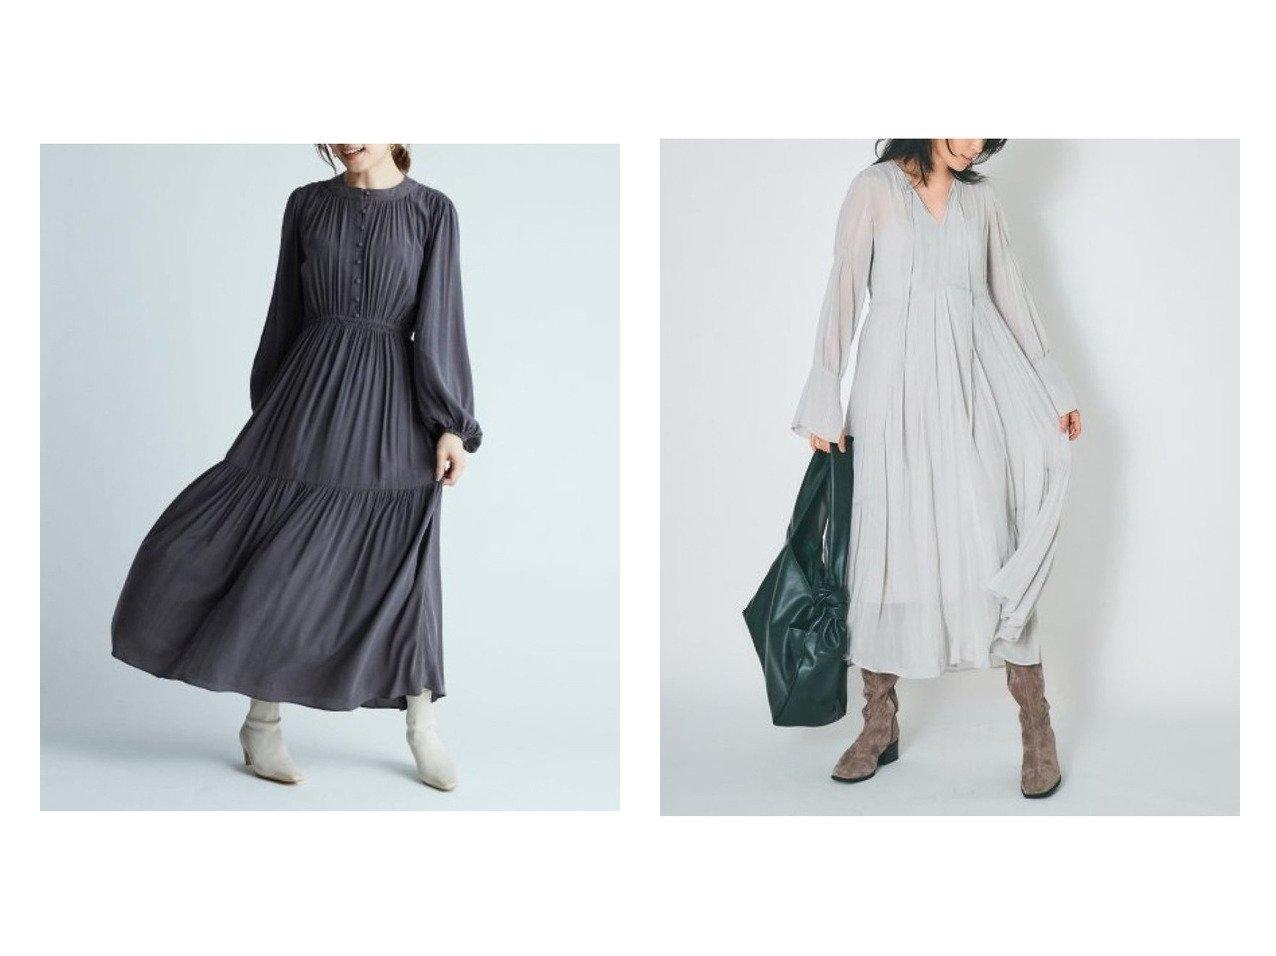 【FRAY I.D/フレイ アイディー】のシフォンロングワンピース&IPEKER フロントボタンギャザーワンピース ワンピース・ドレスのおすすめ!人気、トレンド・レディースファッションの通販 おすすめで人気の流行・トレンド、ファッションの通販商品 メンズファッション・キッズファッション・インテリア・家具・レディースファッション・服の通販 founy(ファニー) https://founy.com/ ファッション Fashion レディースファッション WOMEN ワンピース Dress マキシワンピース Maxi Dress 12月号 ギャザー シャーリング フロント マキシ ロング |ID:crp329100000011511